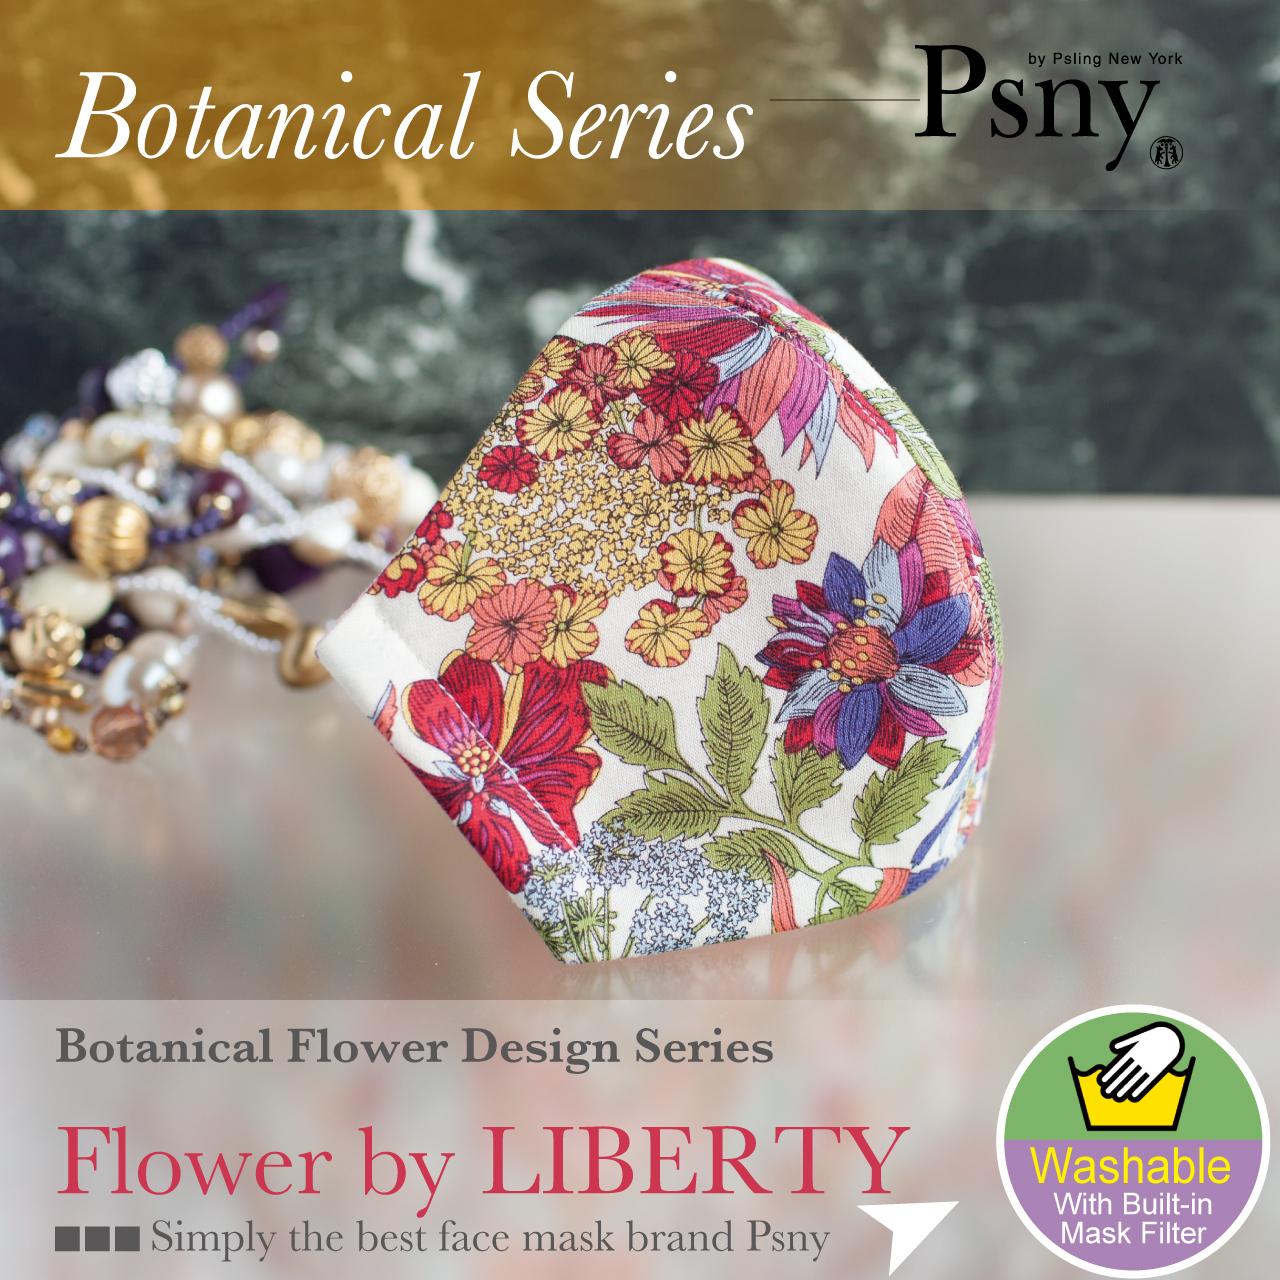 PSNY ボタニカル・フラワー リバティ 花粉 黄砂 洗える不織布フィルター入り 立体 大人用 マスク 送料無料 BF1